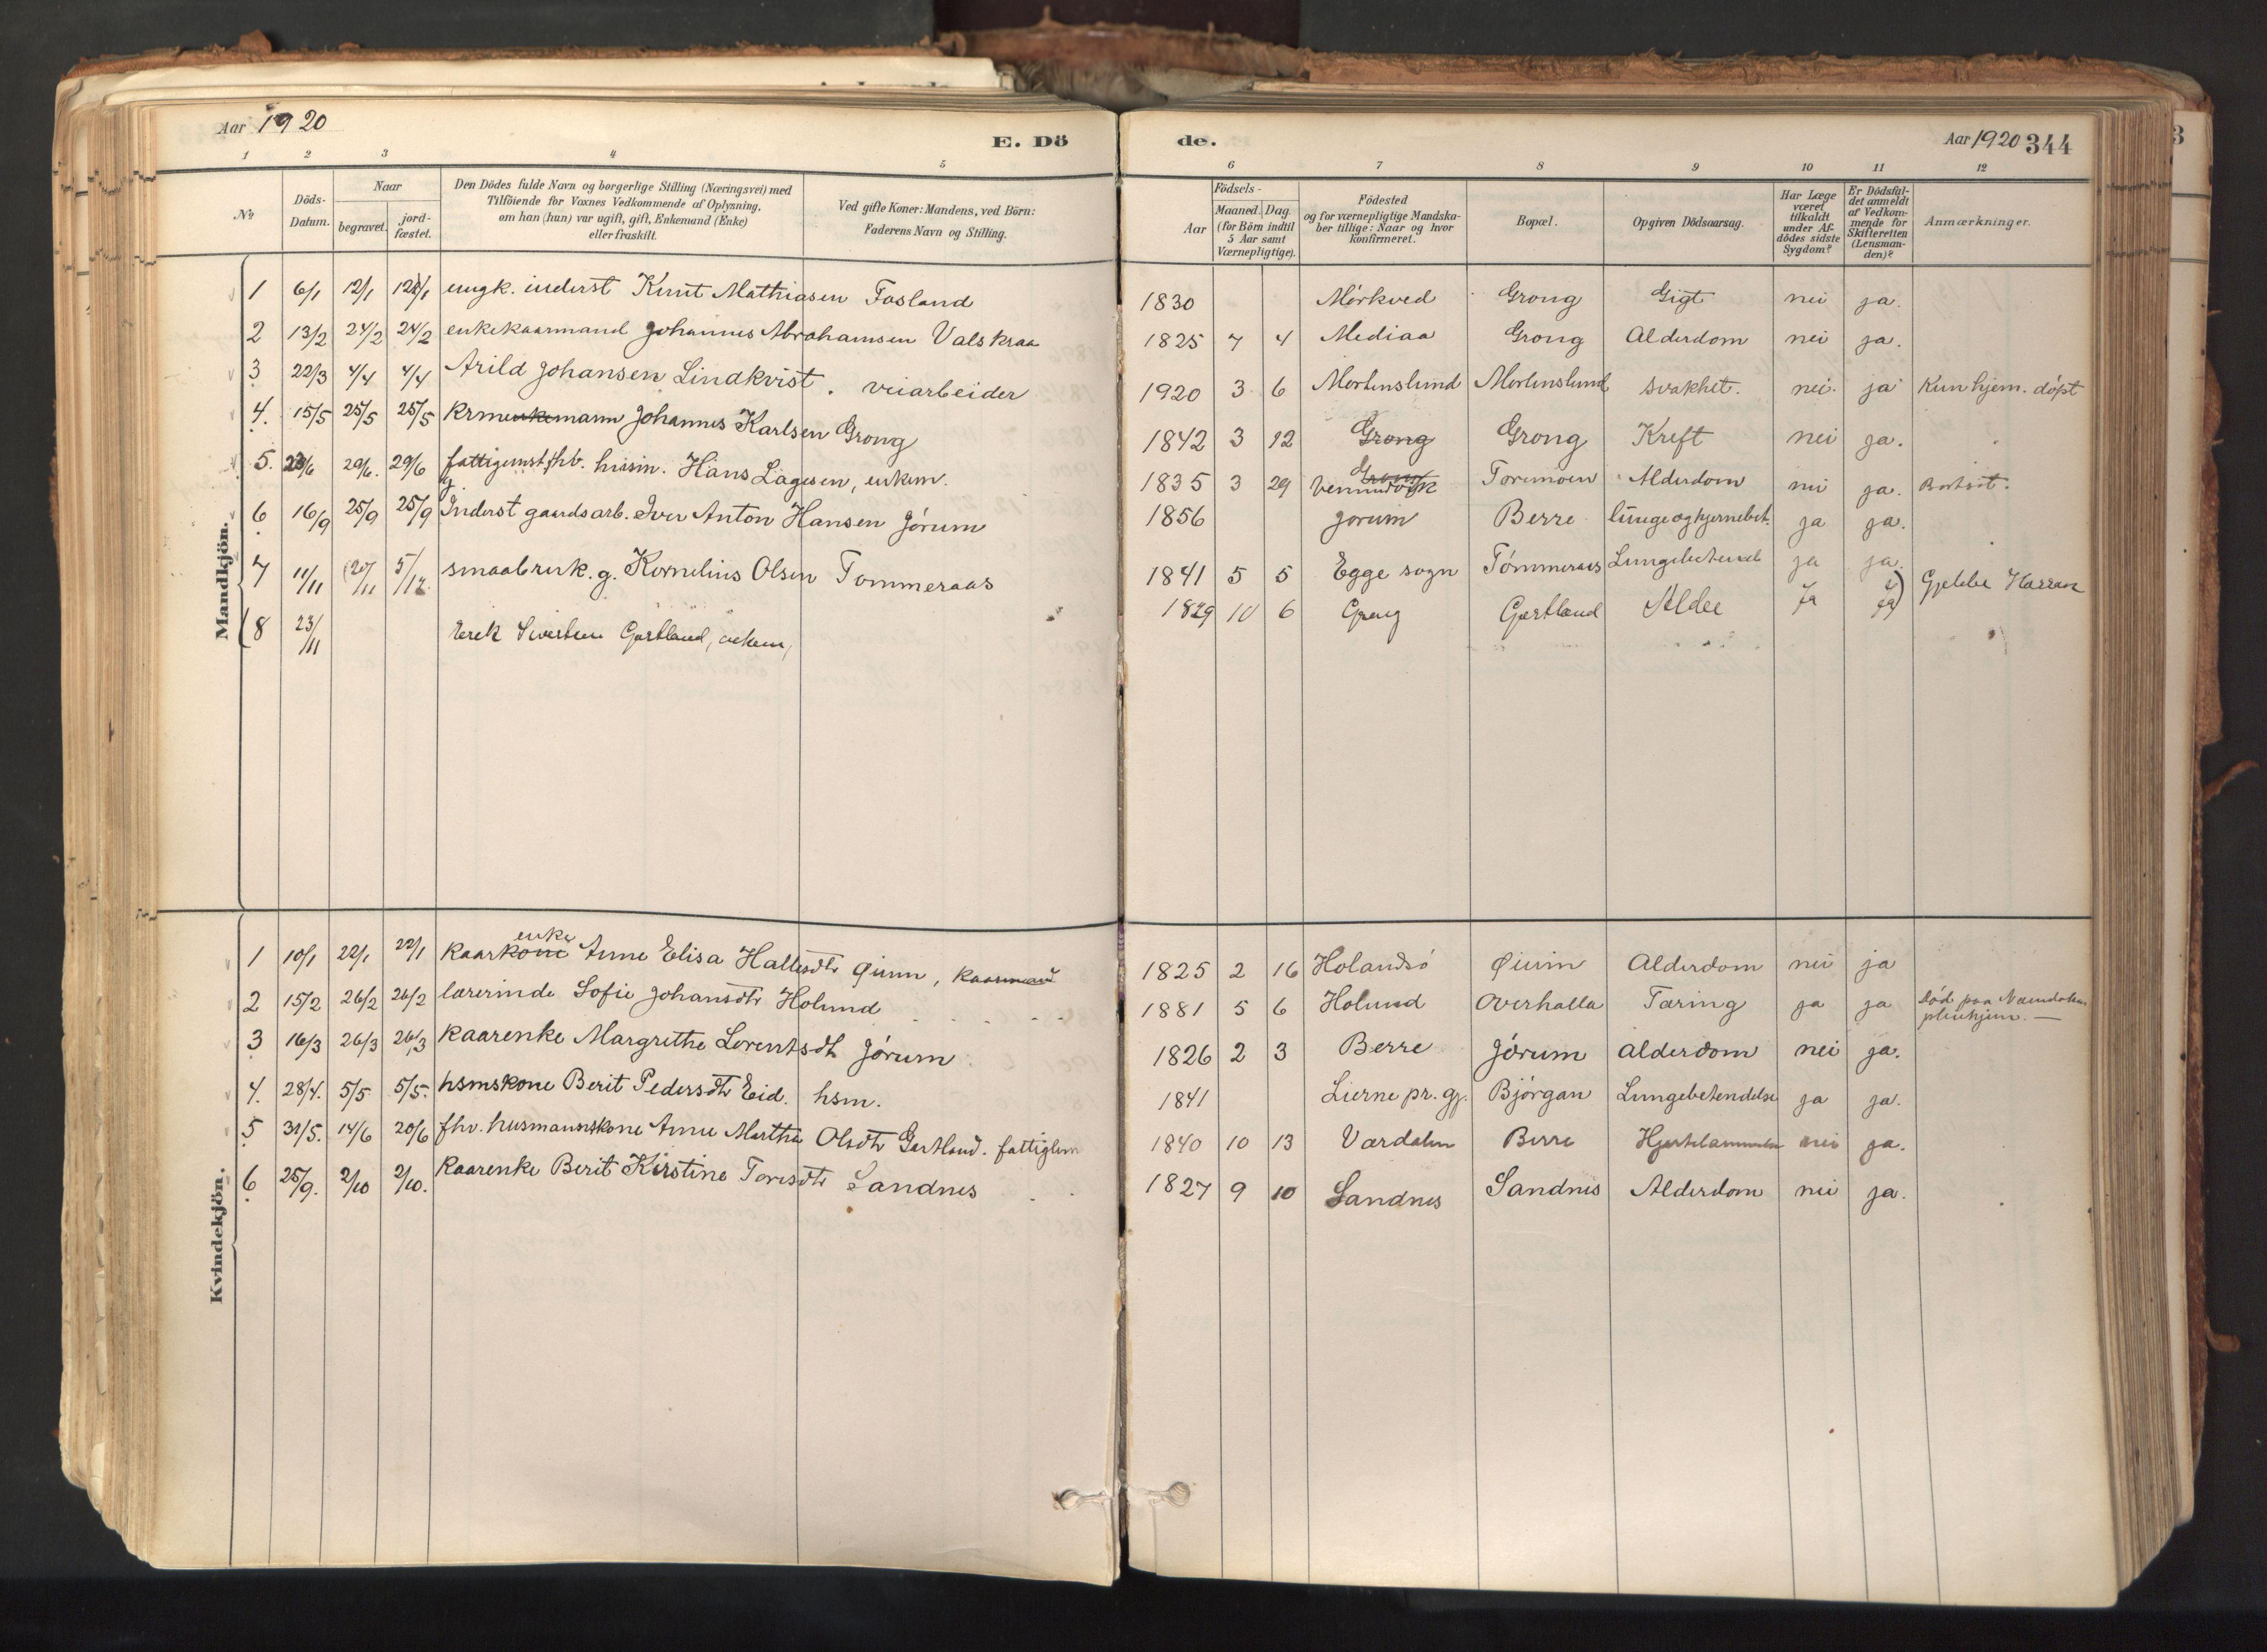 SAT, Ministerialprotokoller, klokkerbøker og fødselsregistre - Nord-Trøndelag, 758/L0519: Ministerialbok nr. 758A04, 1880-1926, s. 344